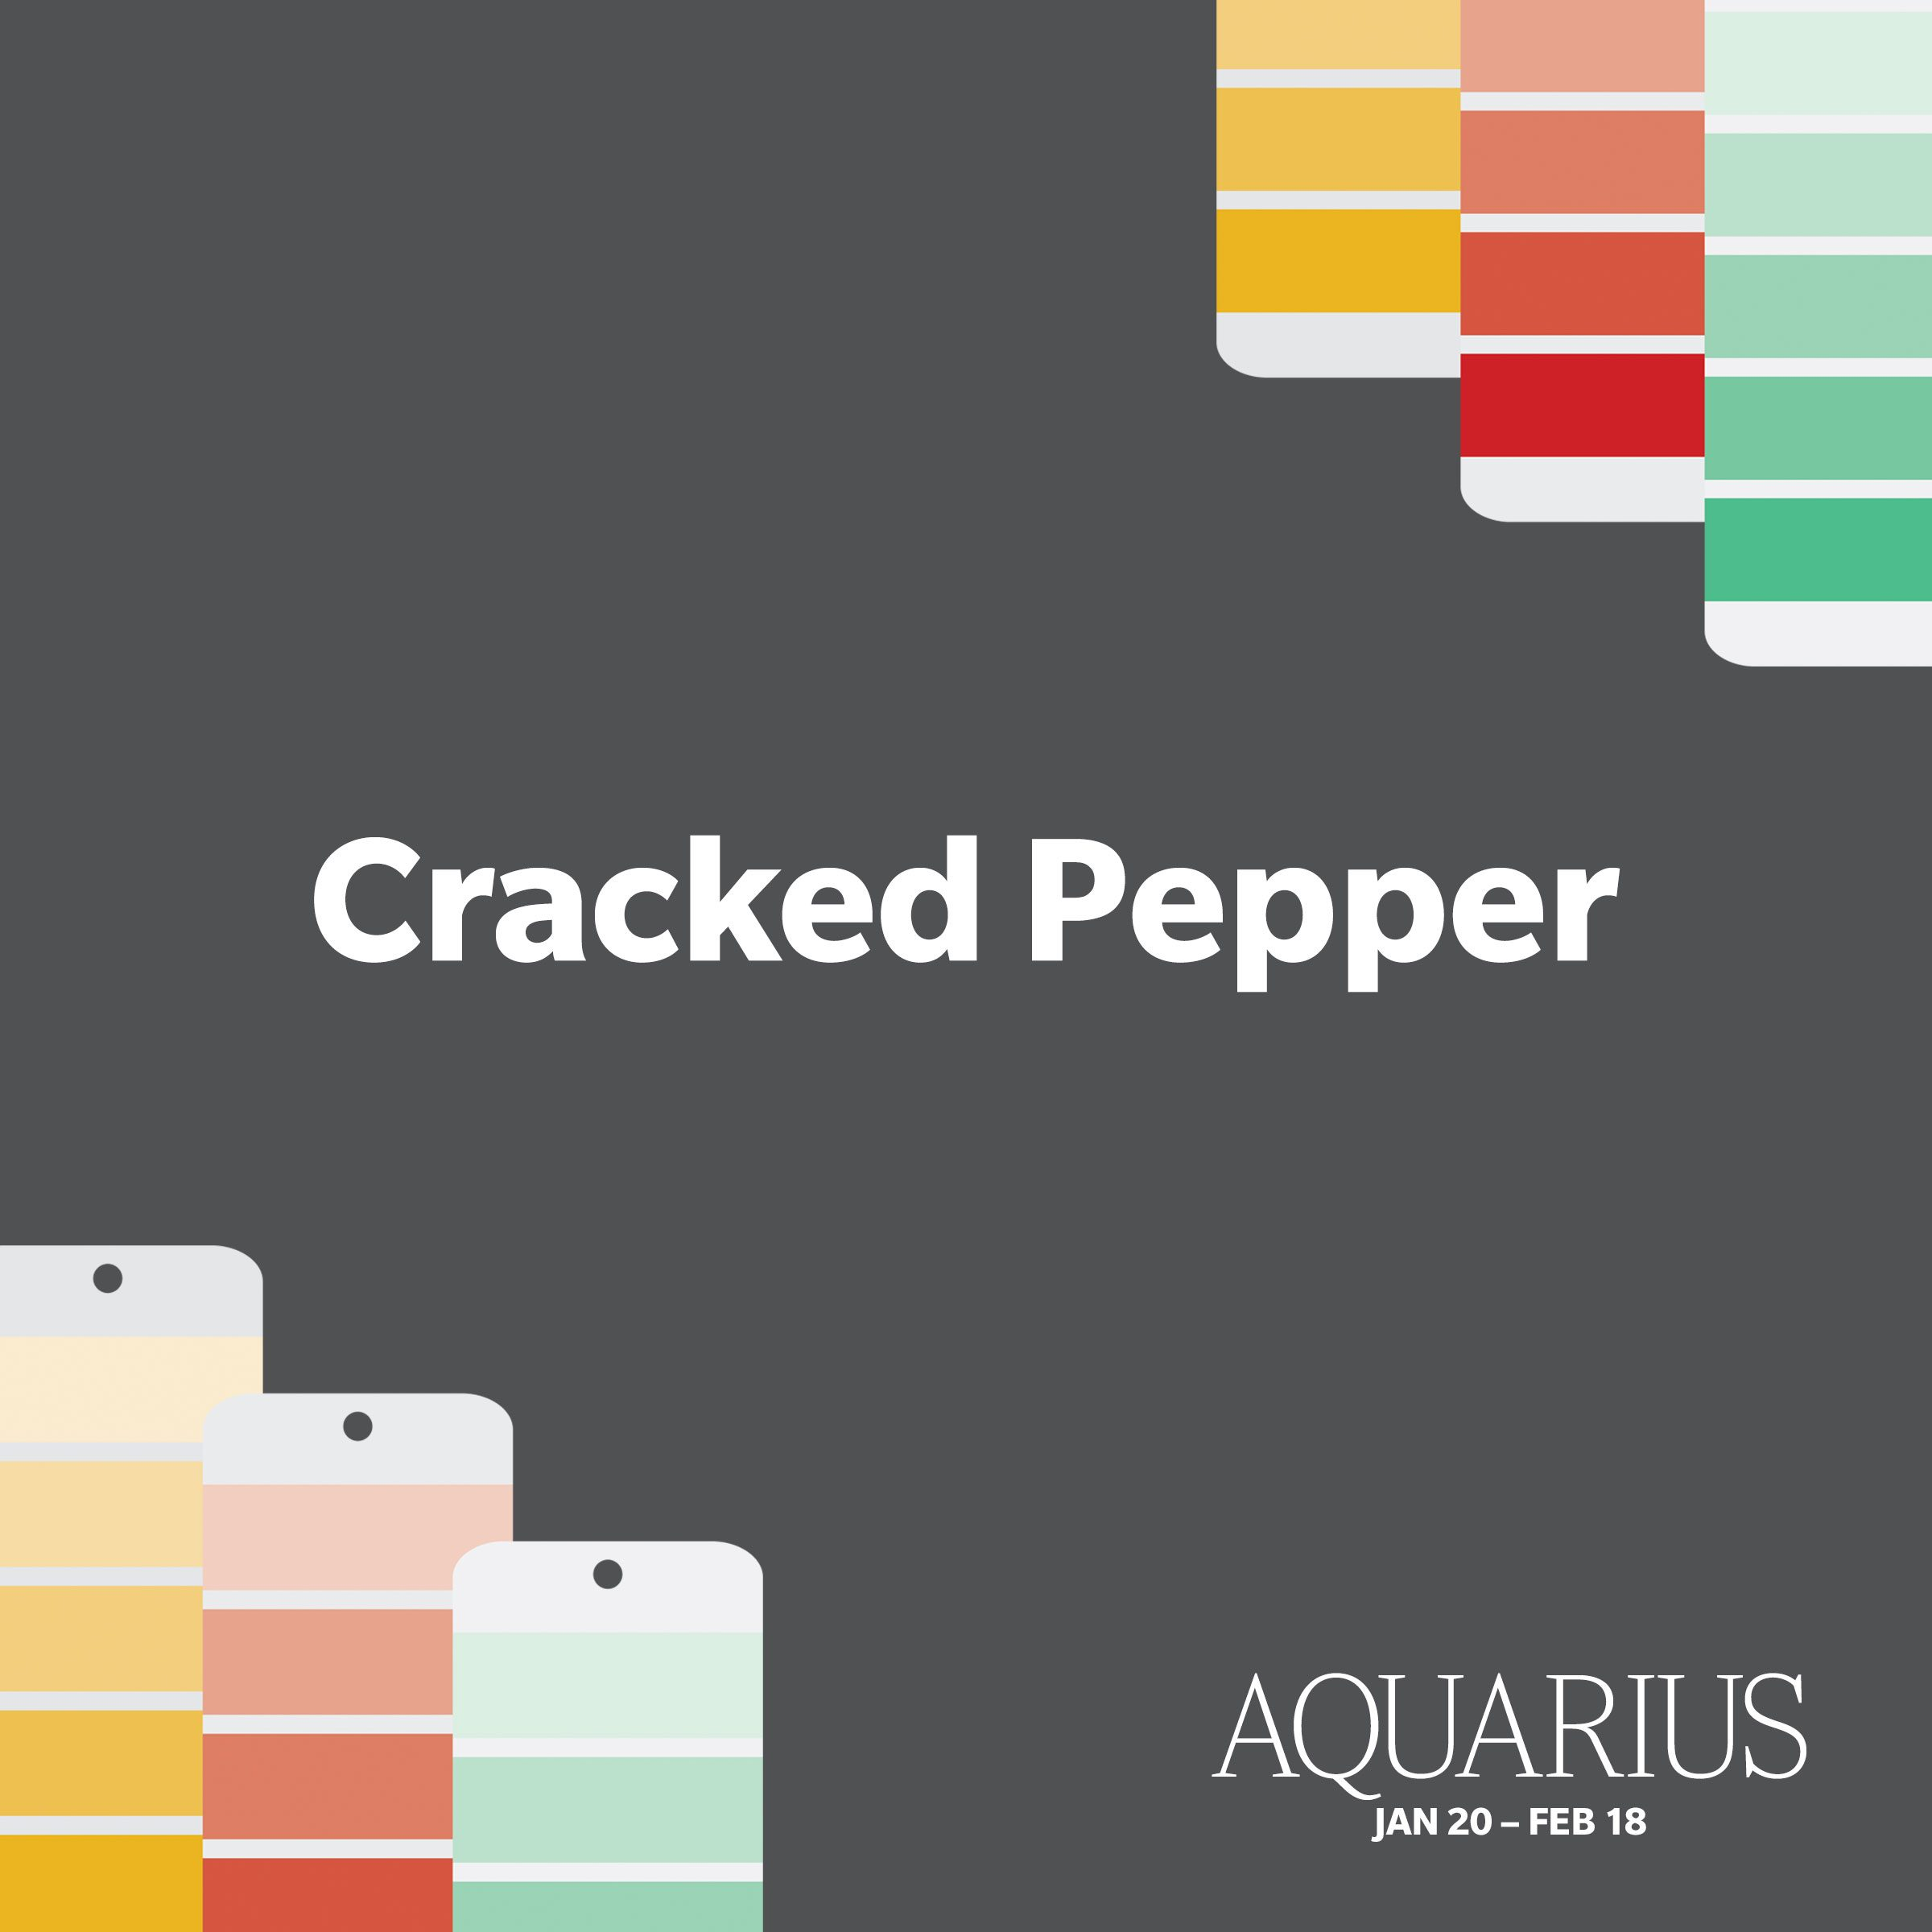 Aquarius-CrackedPepper